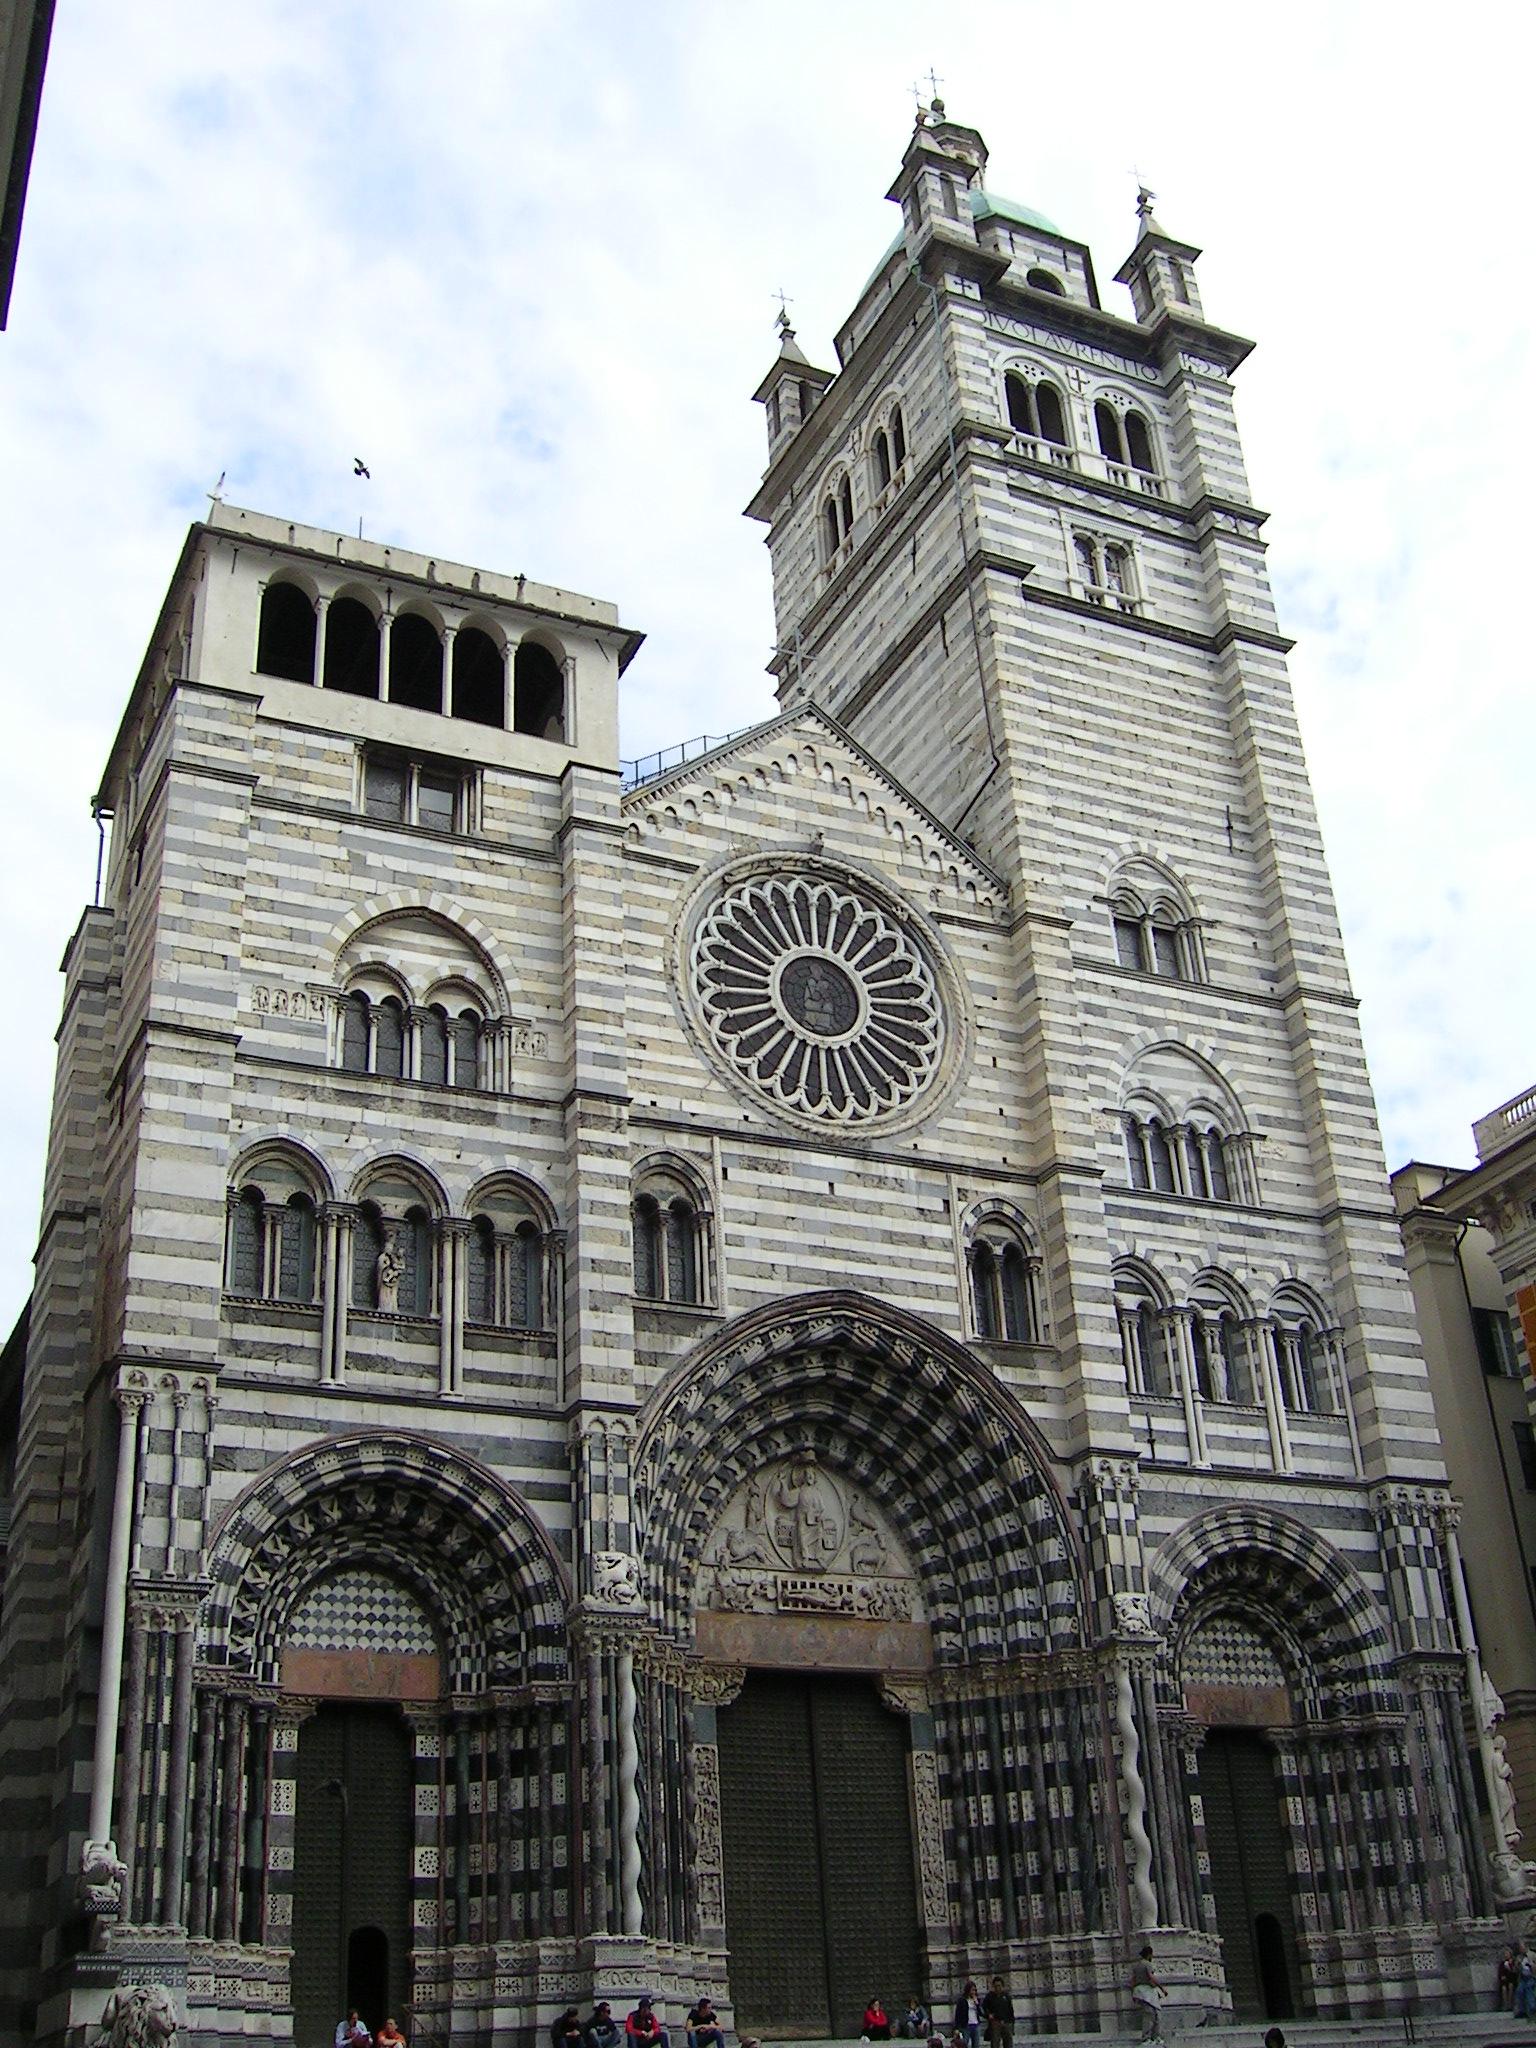 Inno - Il Duomo di Genova, San Lorenzo, centro storico, a pochi passi dalla casa ove Goffredo Mameli, di famiglia voltrese, ebbe i natali